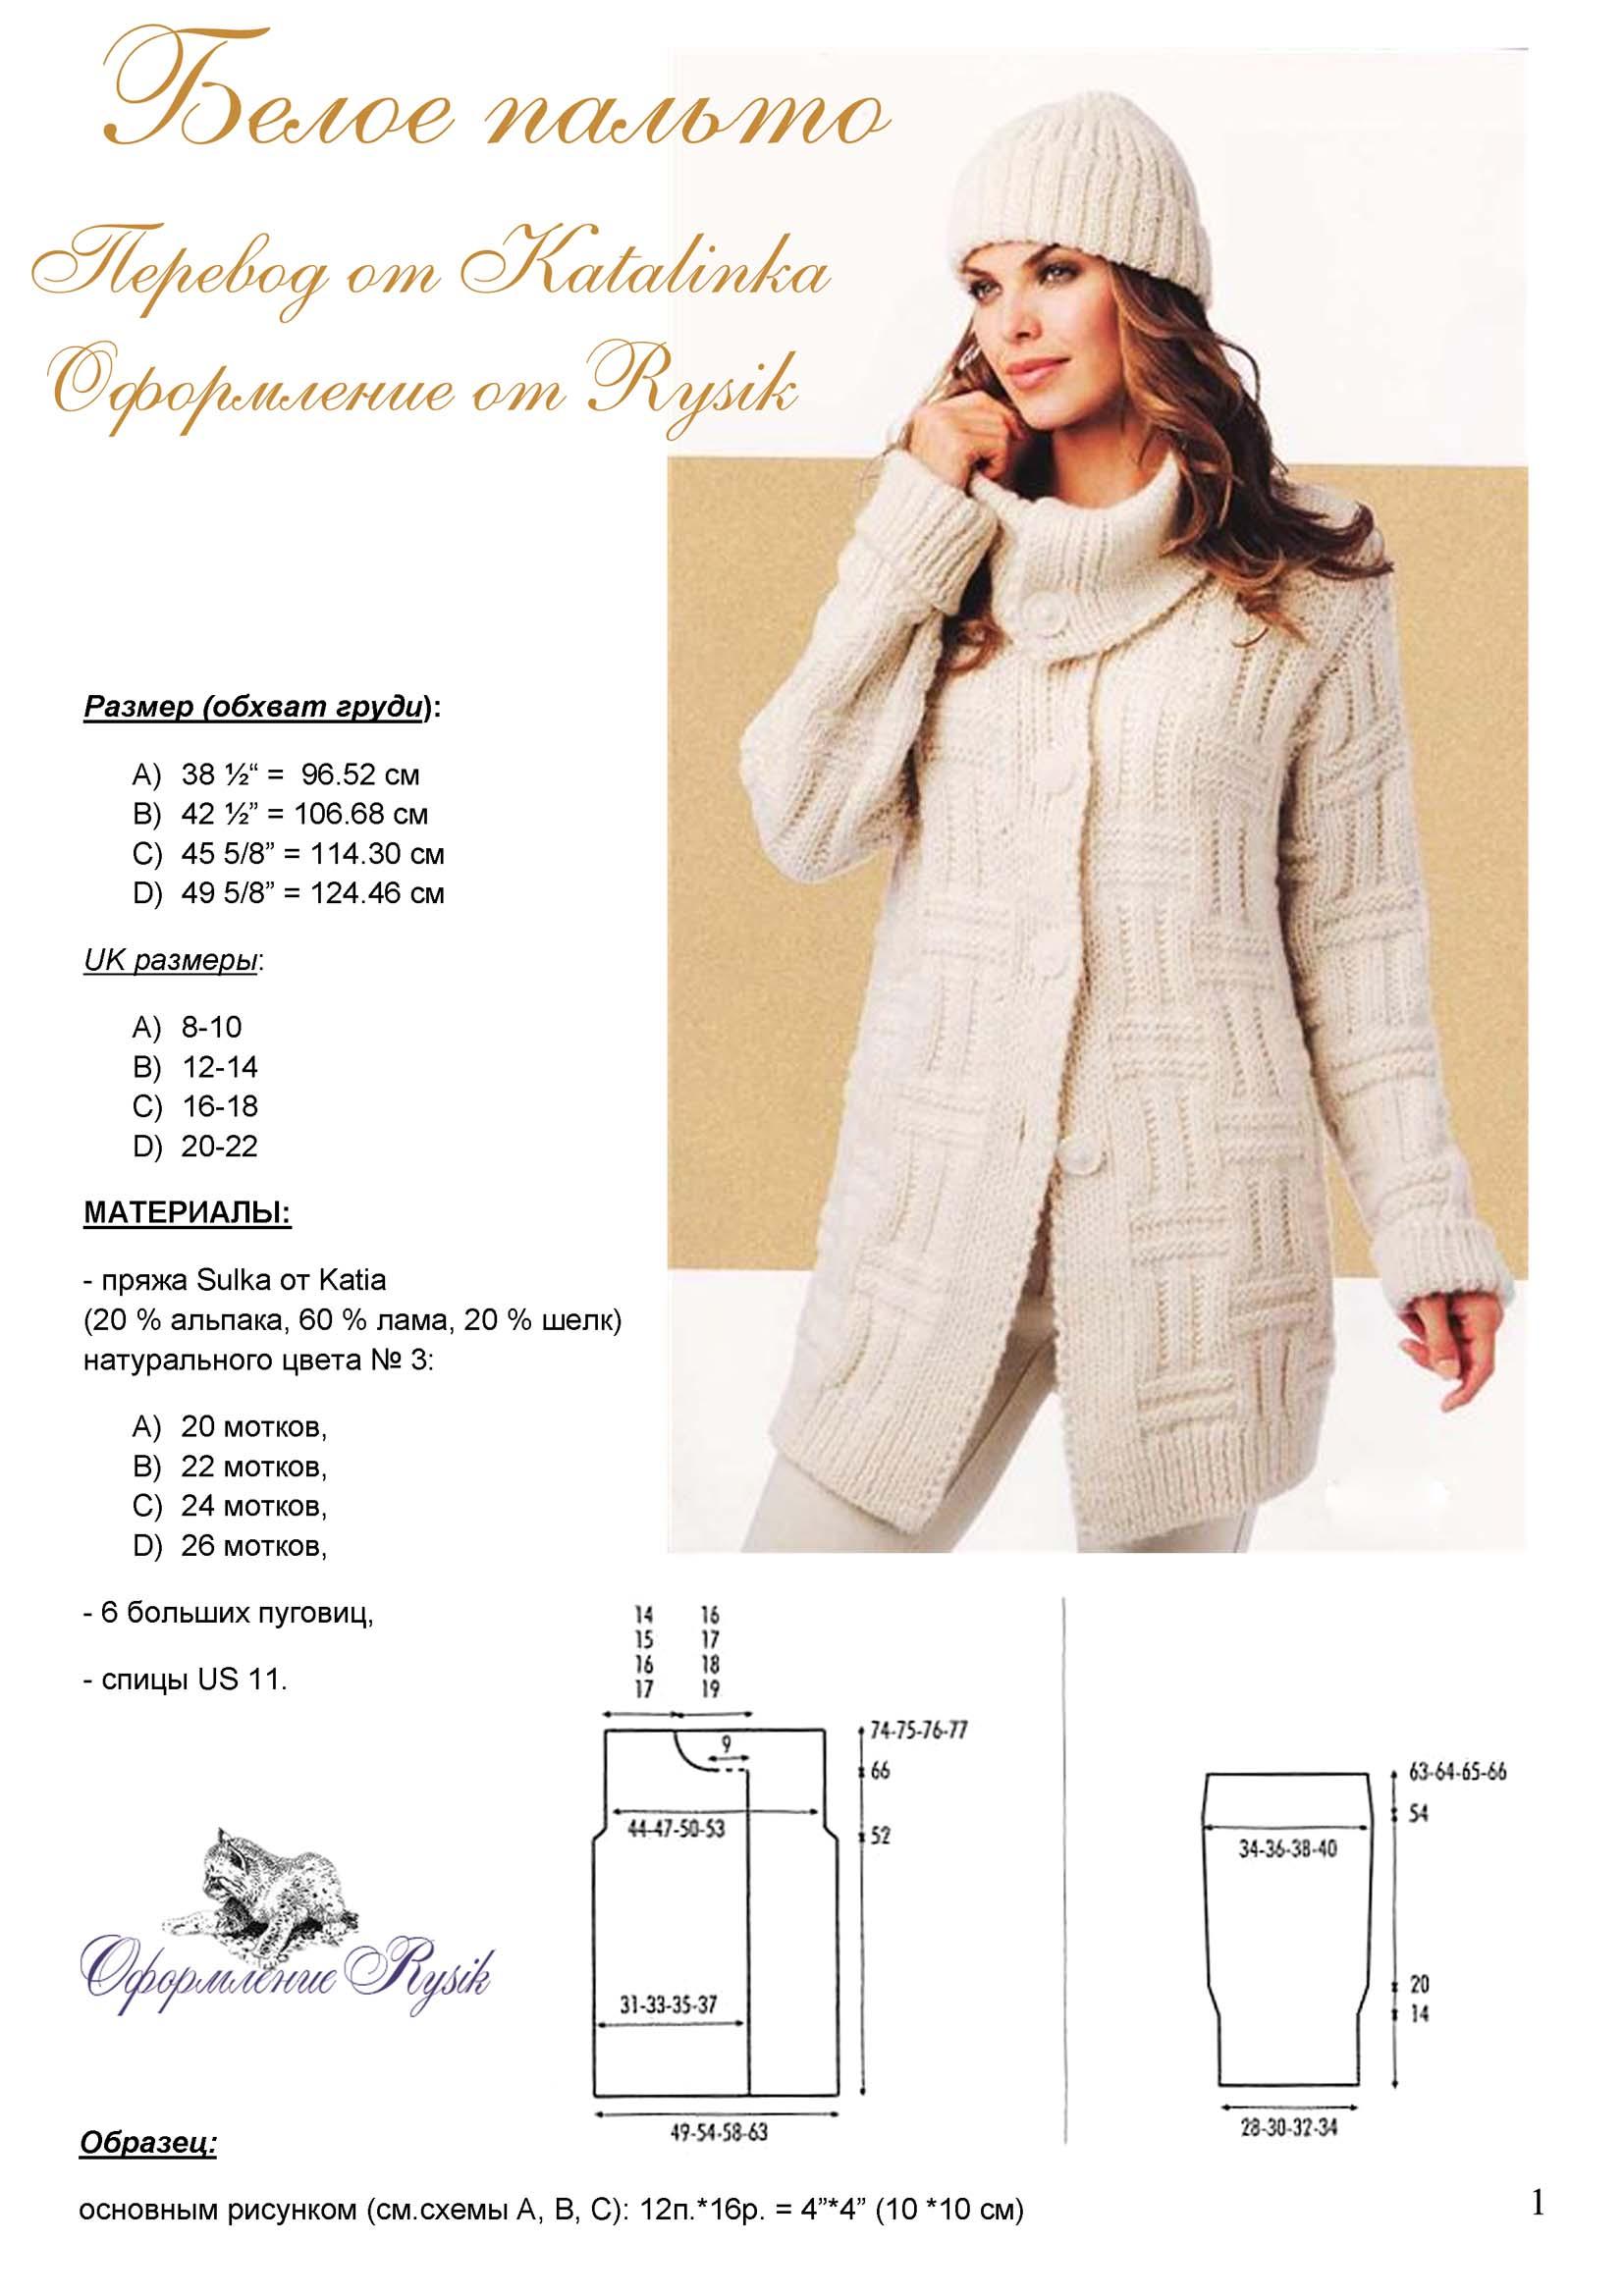 Фото вязаных пальто со схемами и описанием